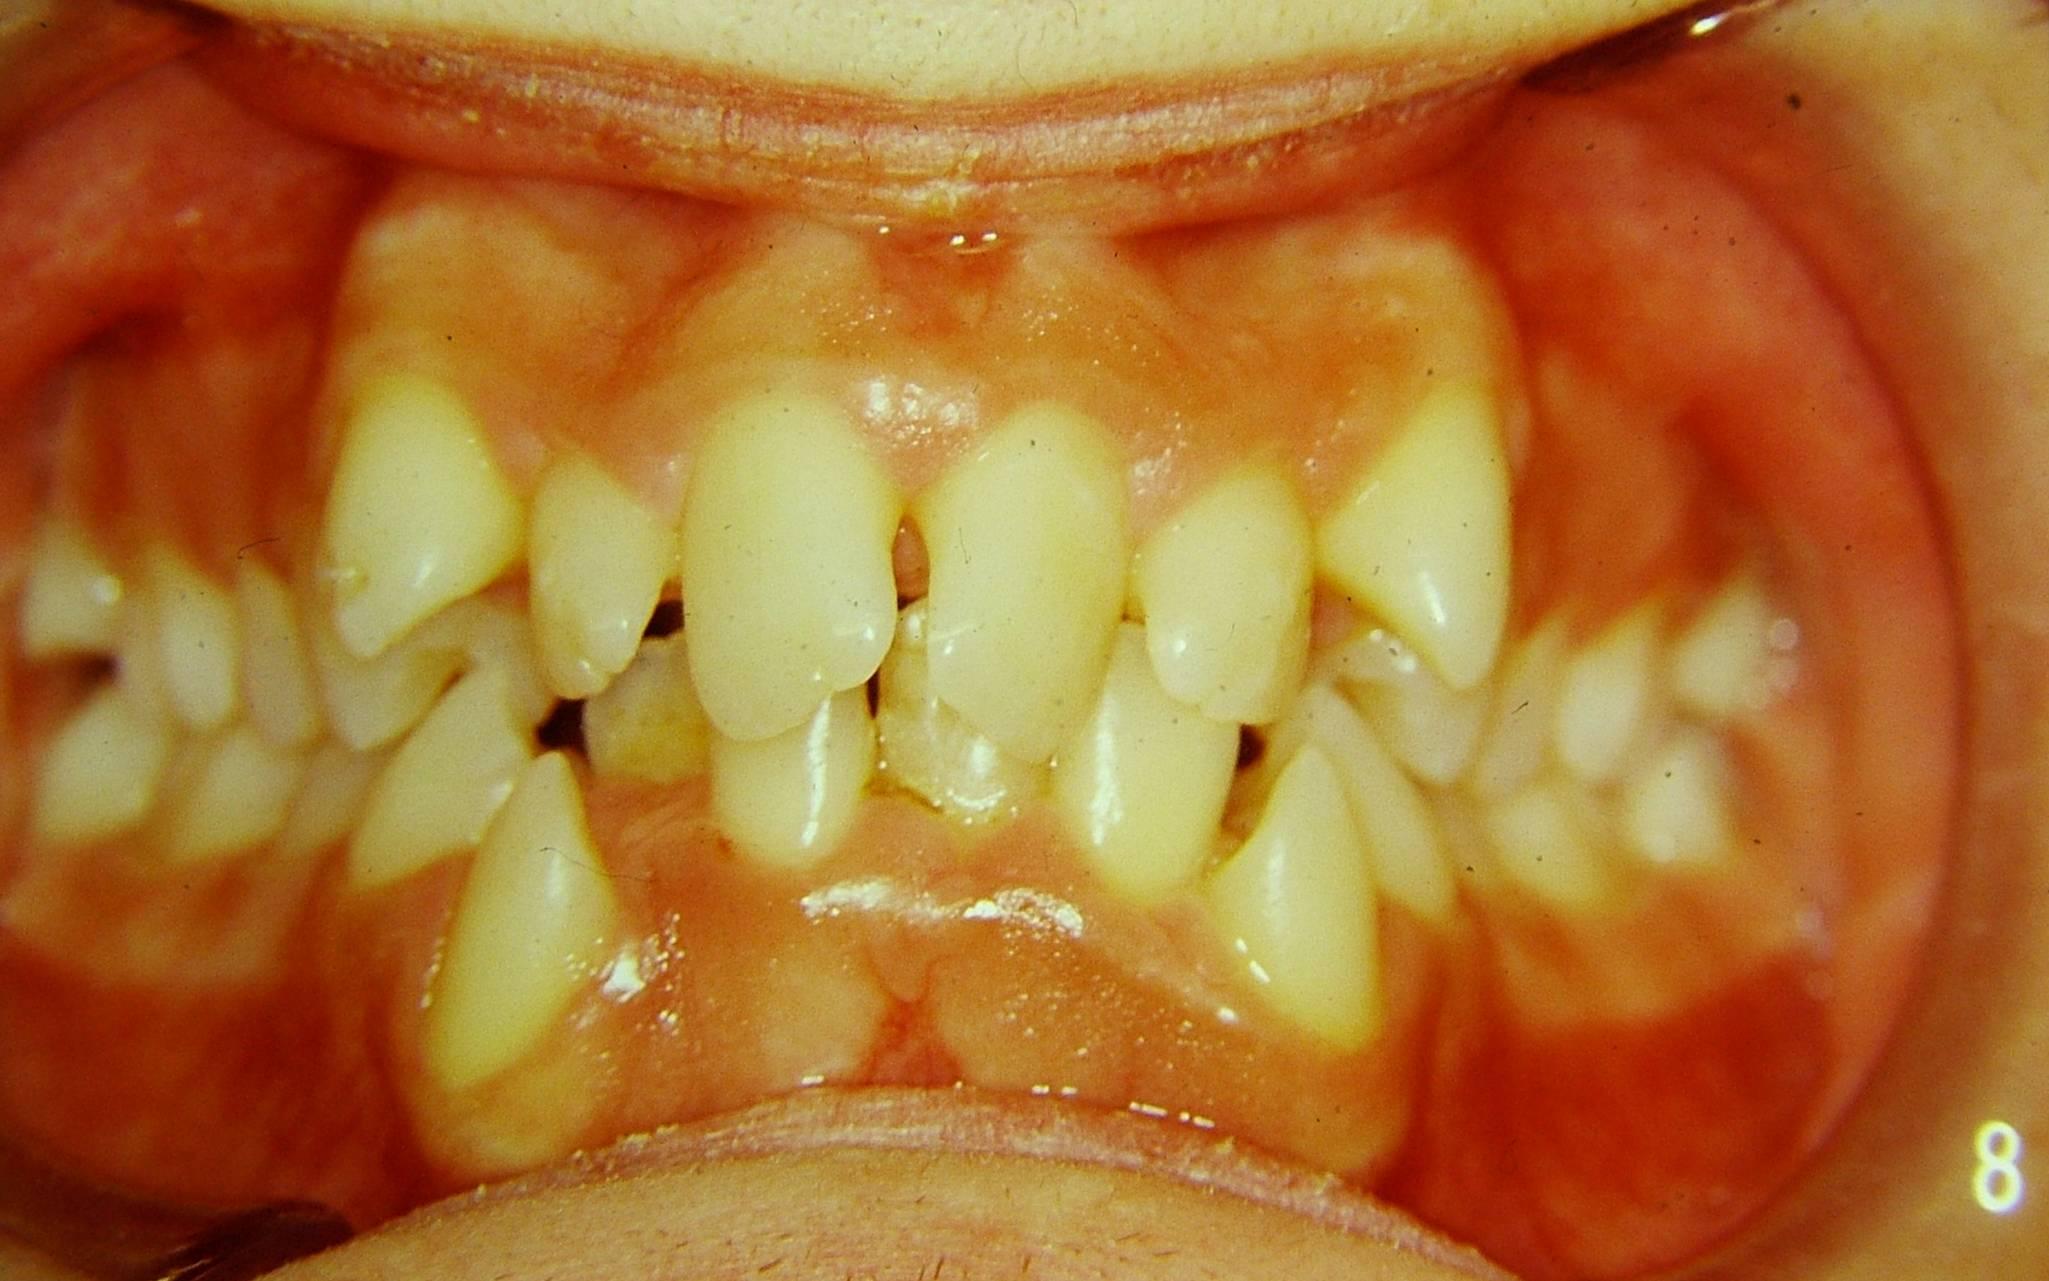 La biprotrusione puo' essere trattata con estrazione dei premolari